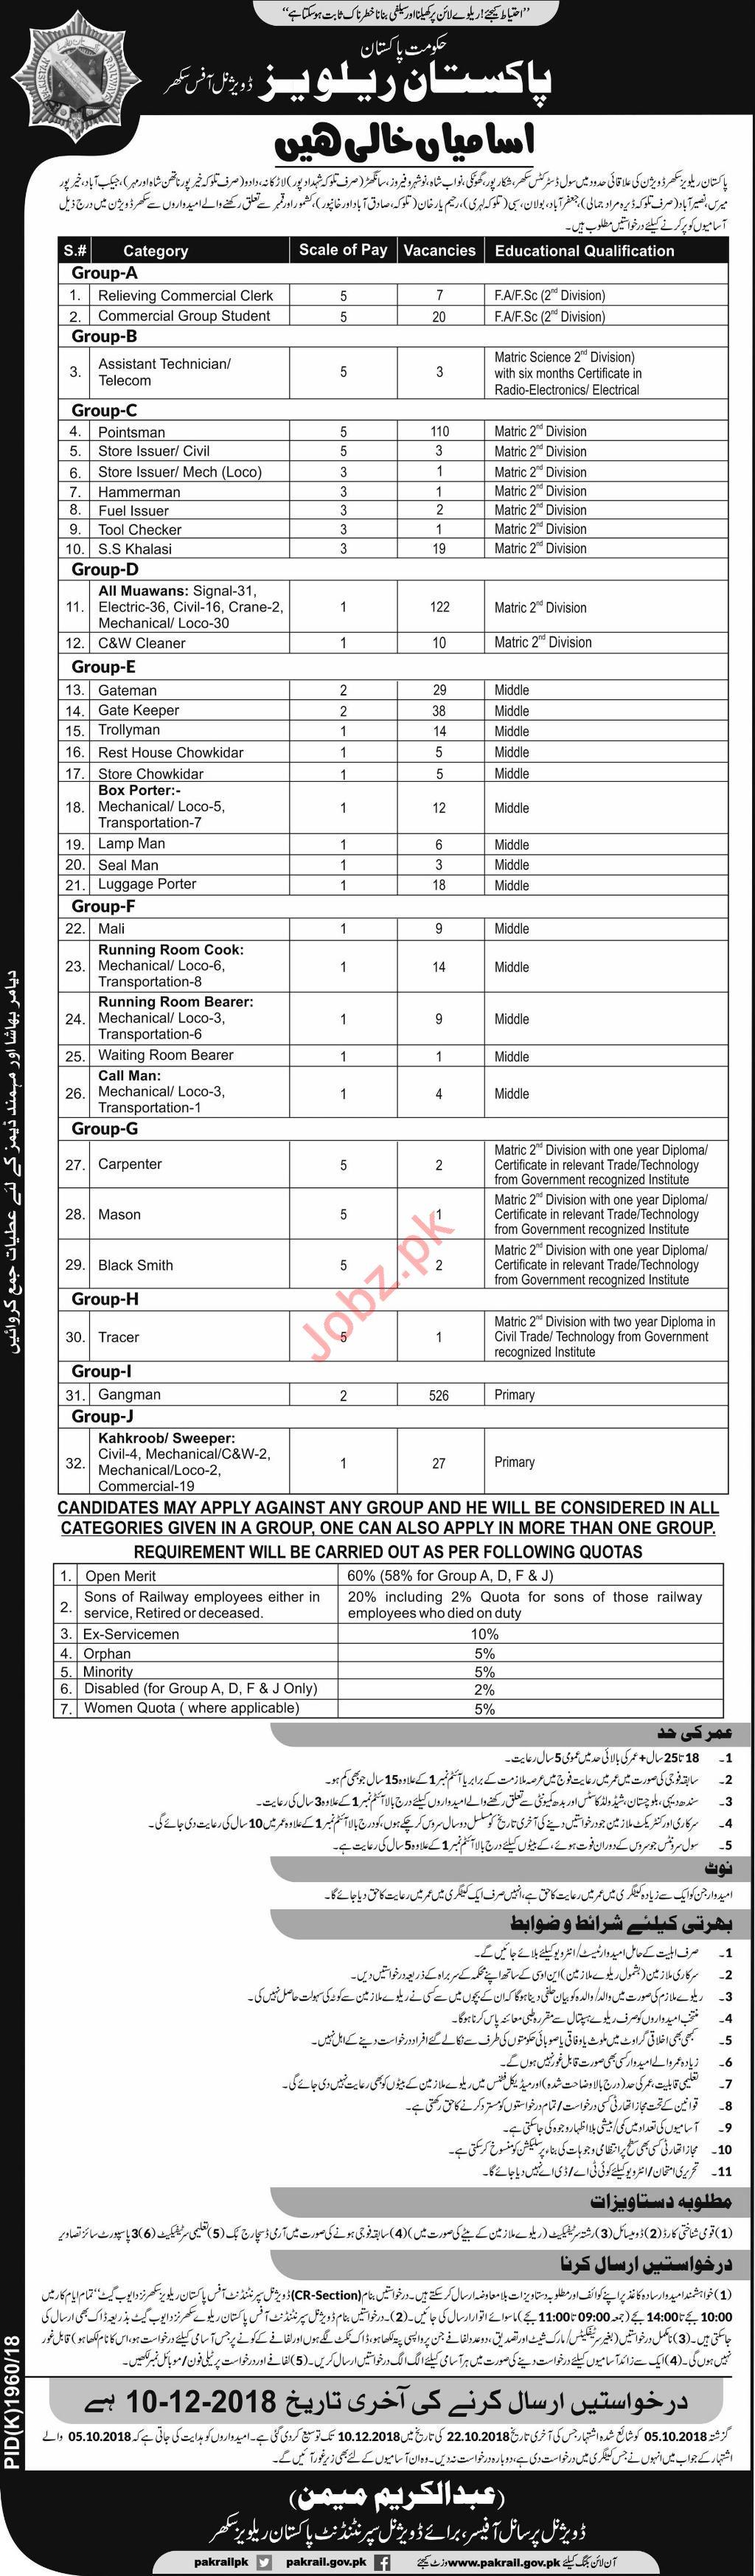 Pakistan Railways Divisional Office Jobs 2018 in Sukkur